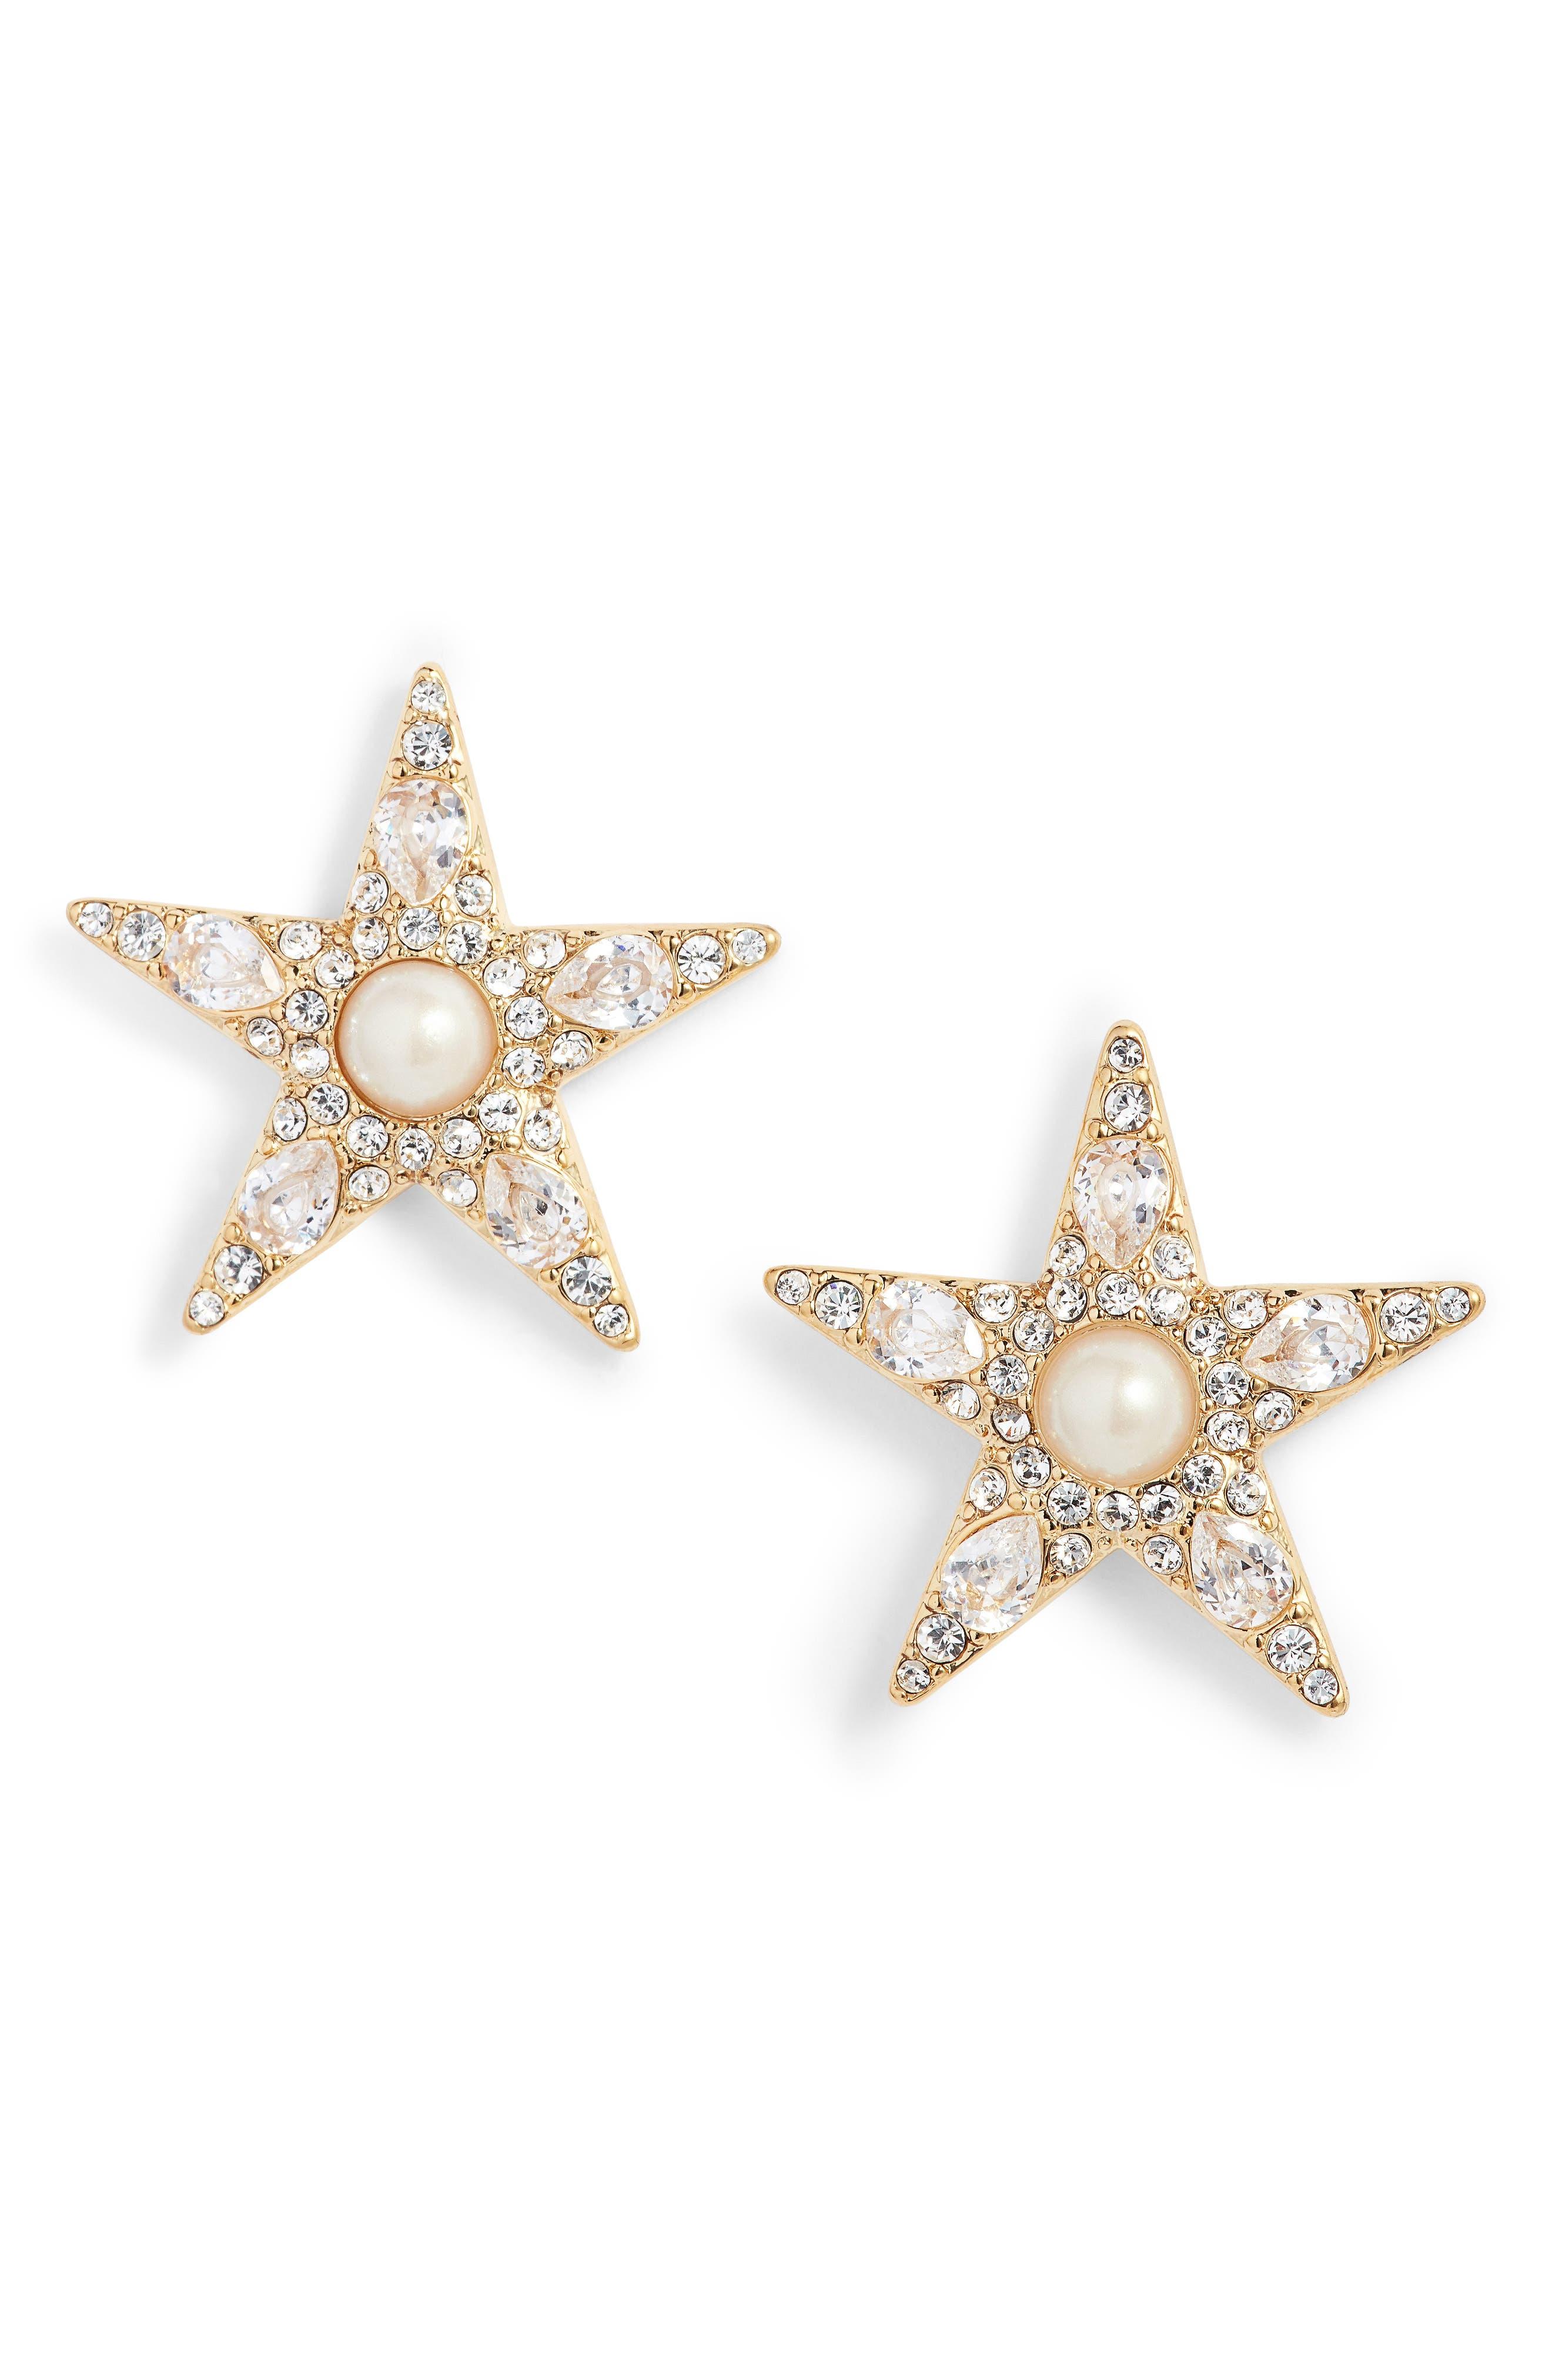 kate spade new york seeing stars statement stud earrings